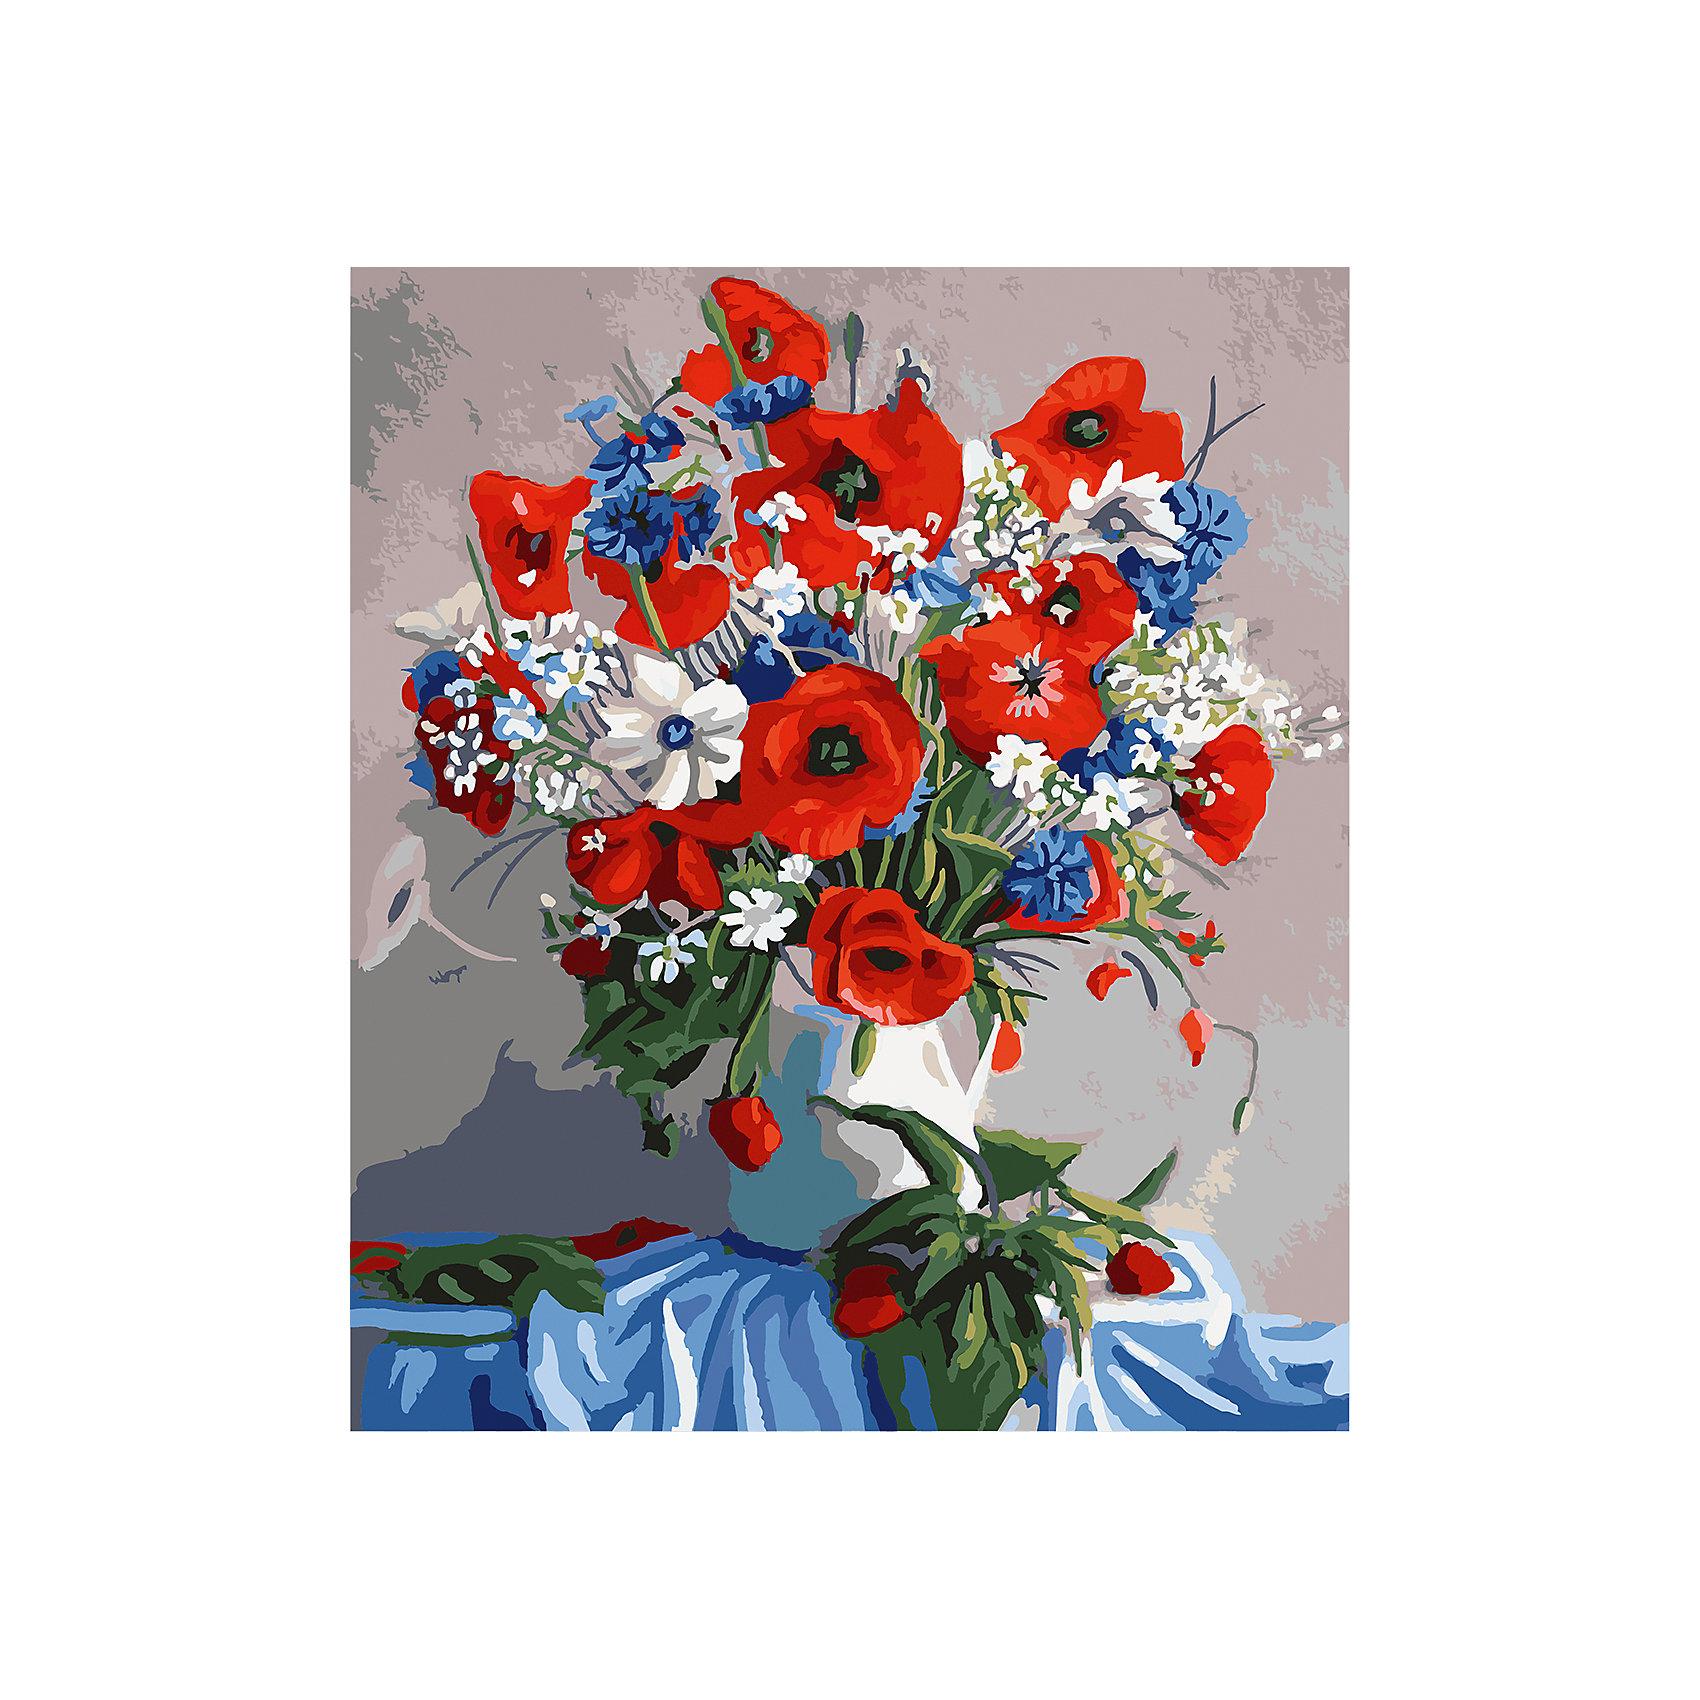 TUKZAR Роспись по номерам Букет 40*50 см наборы для рисования цветной картины по номерам букет романтики